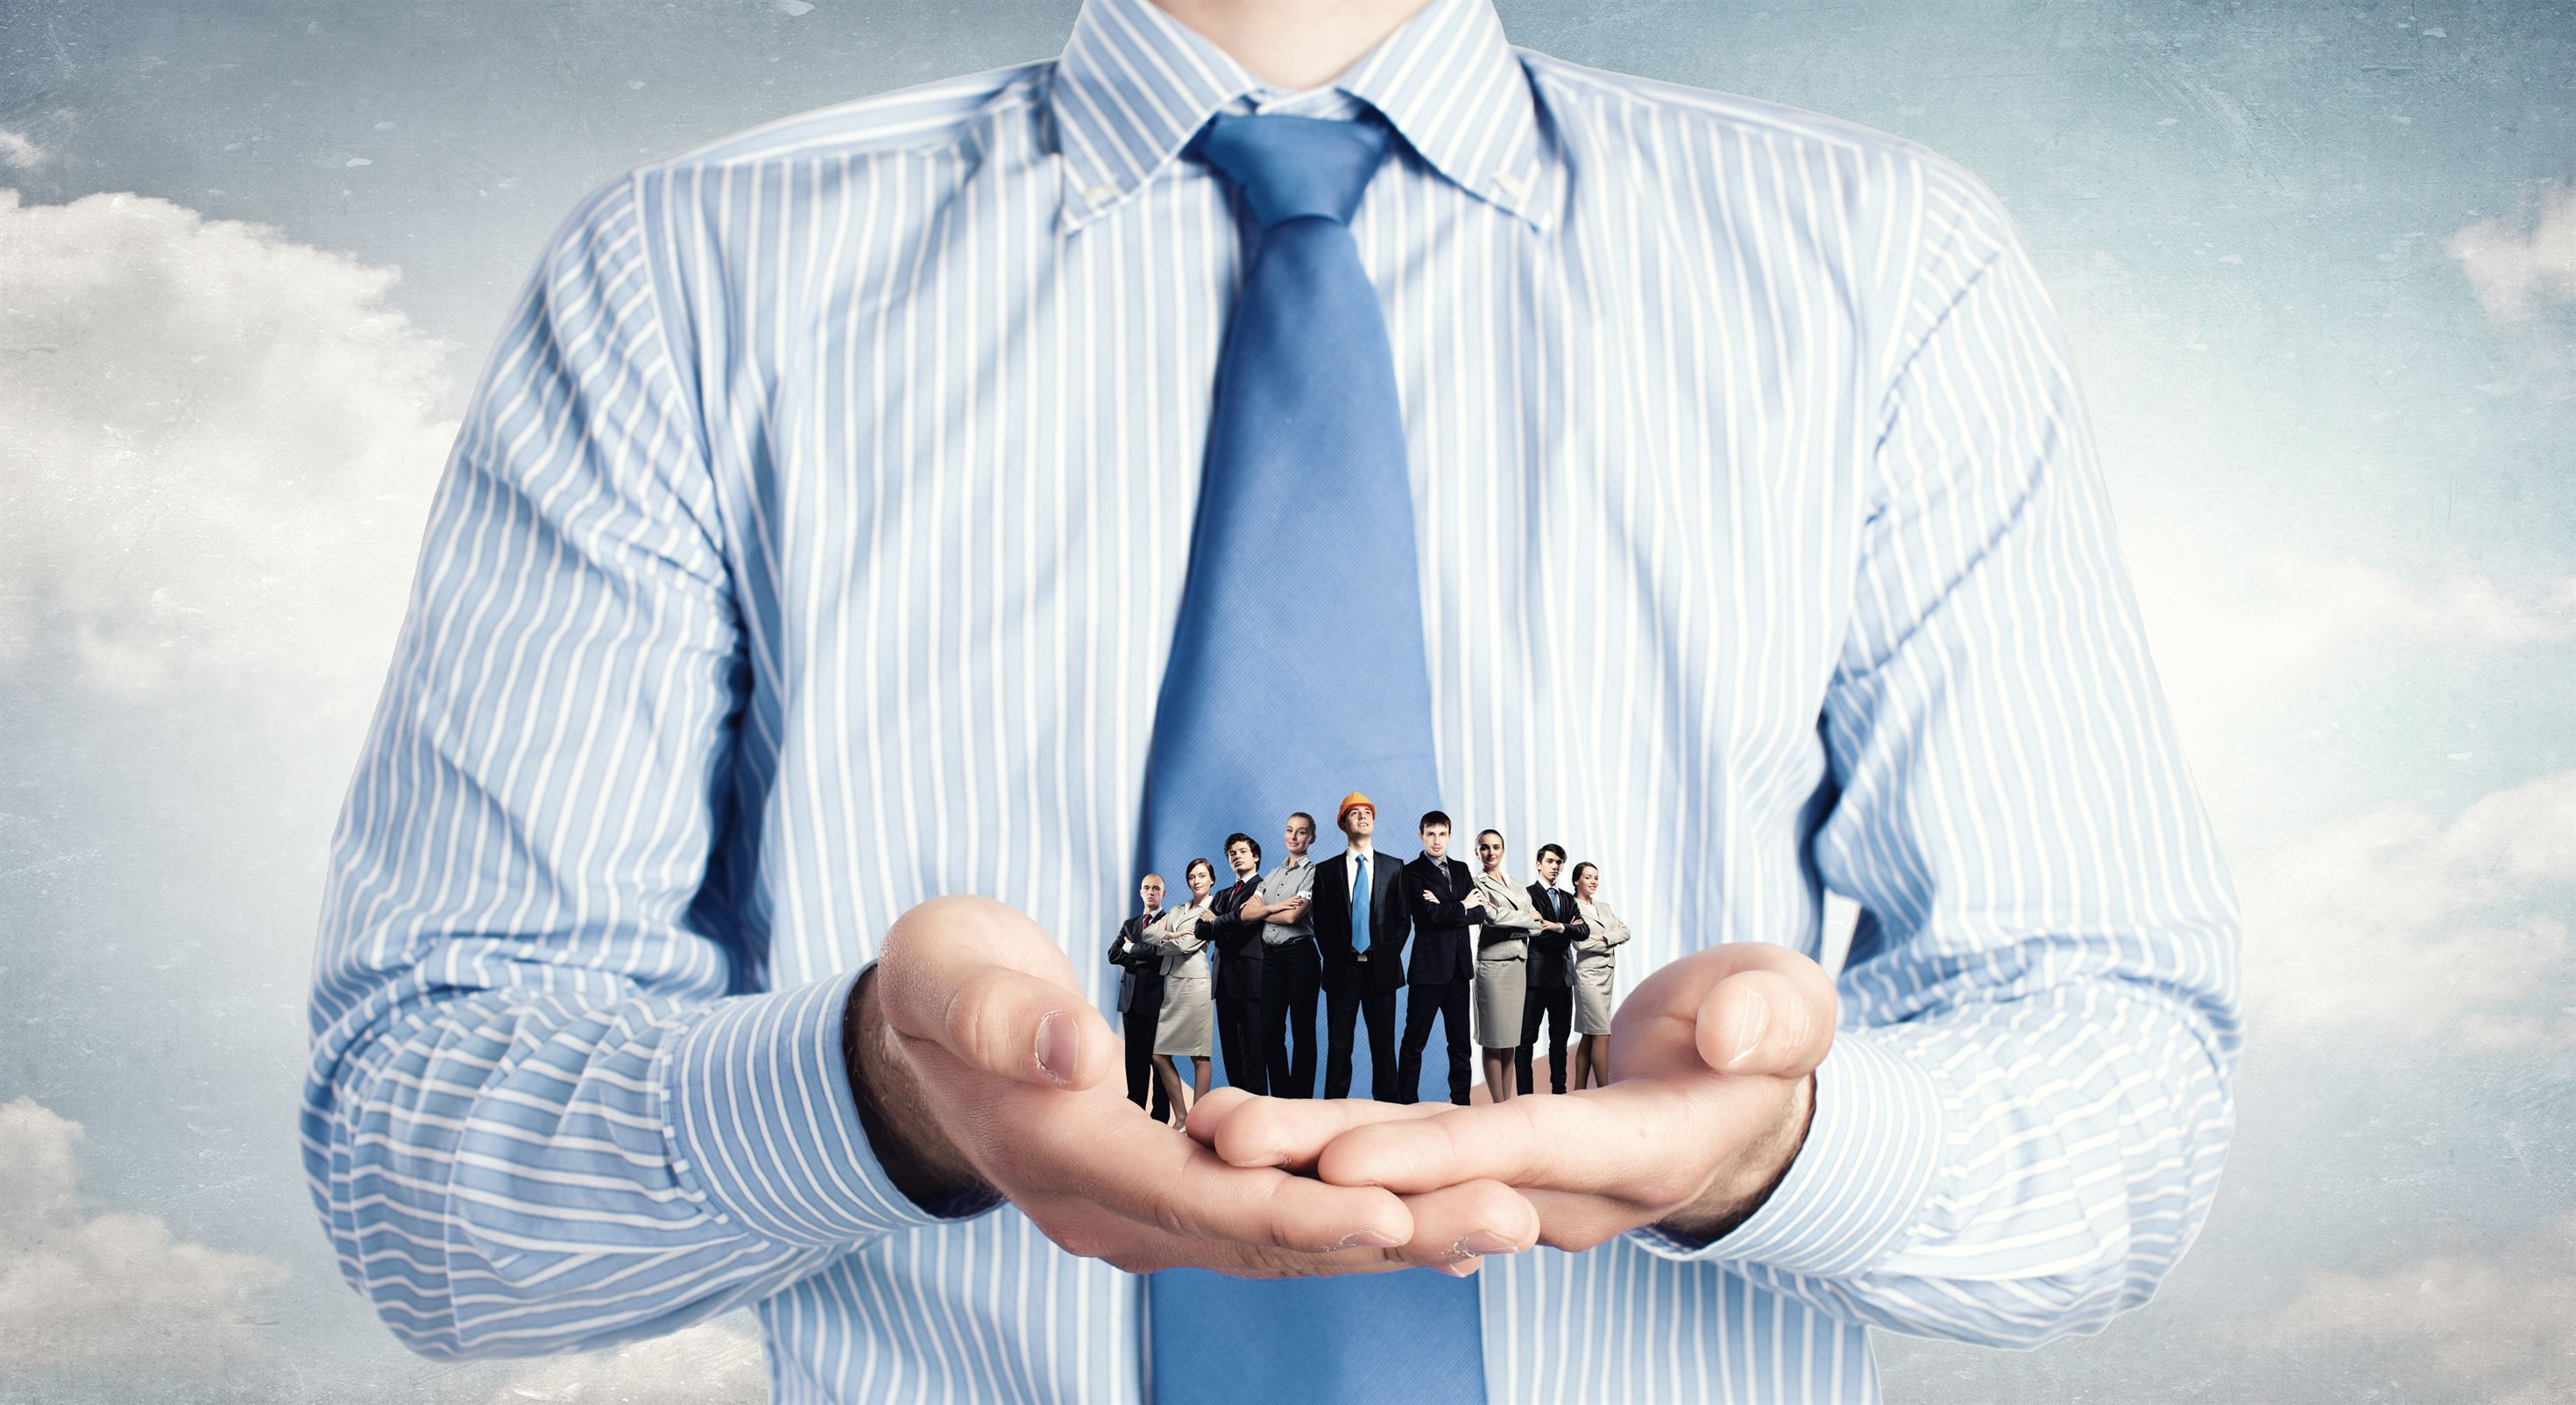 ورشة عمل :إعداد وتأهيل مسؤولي الأمن والسلامة والصحة المهنية